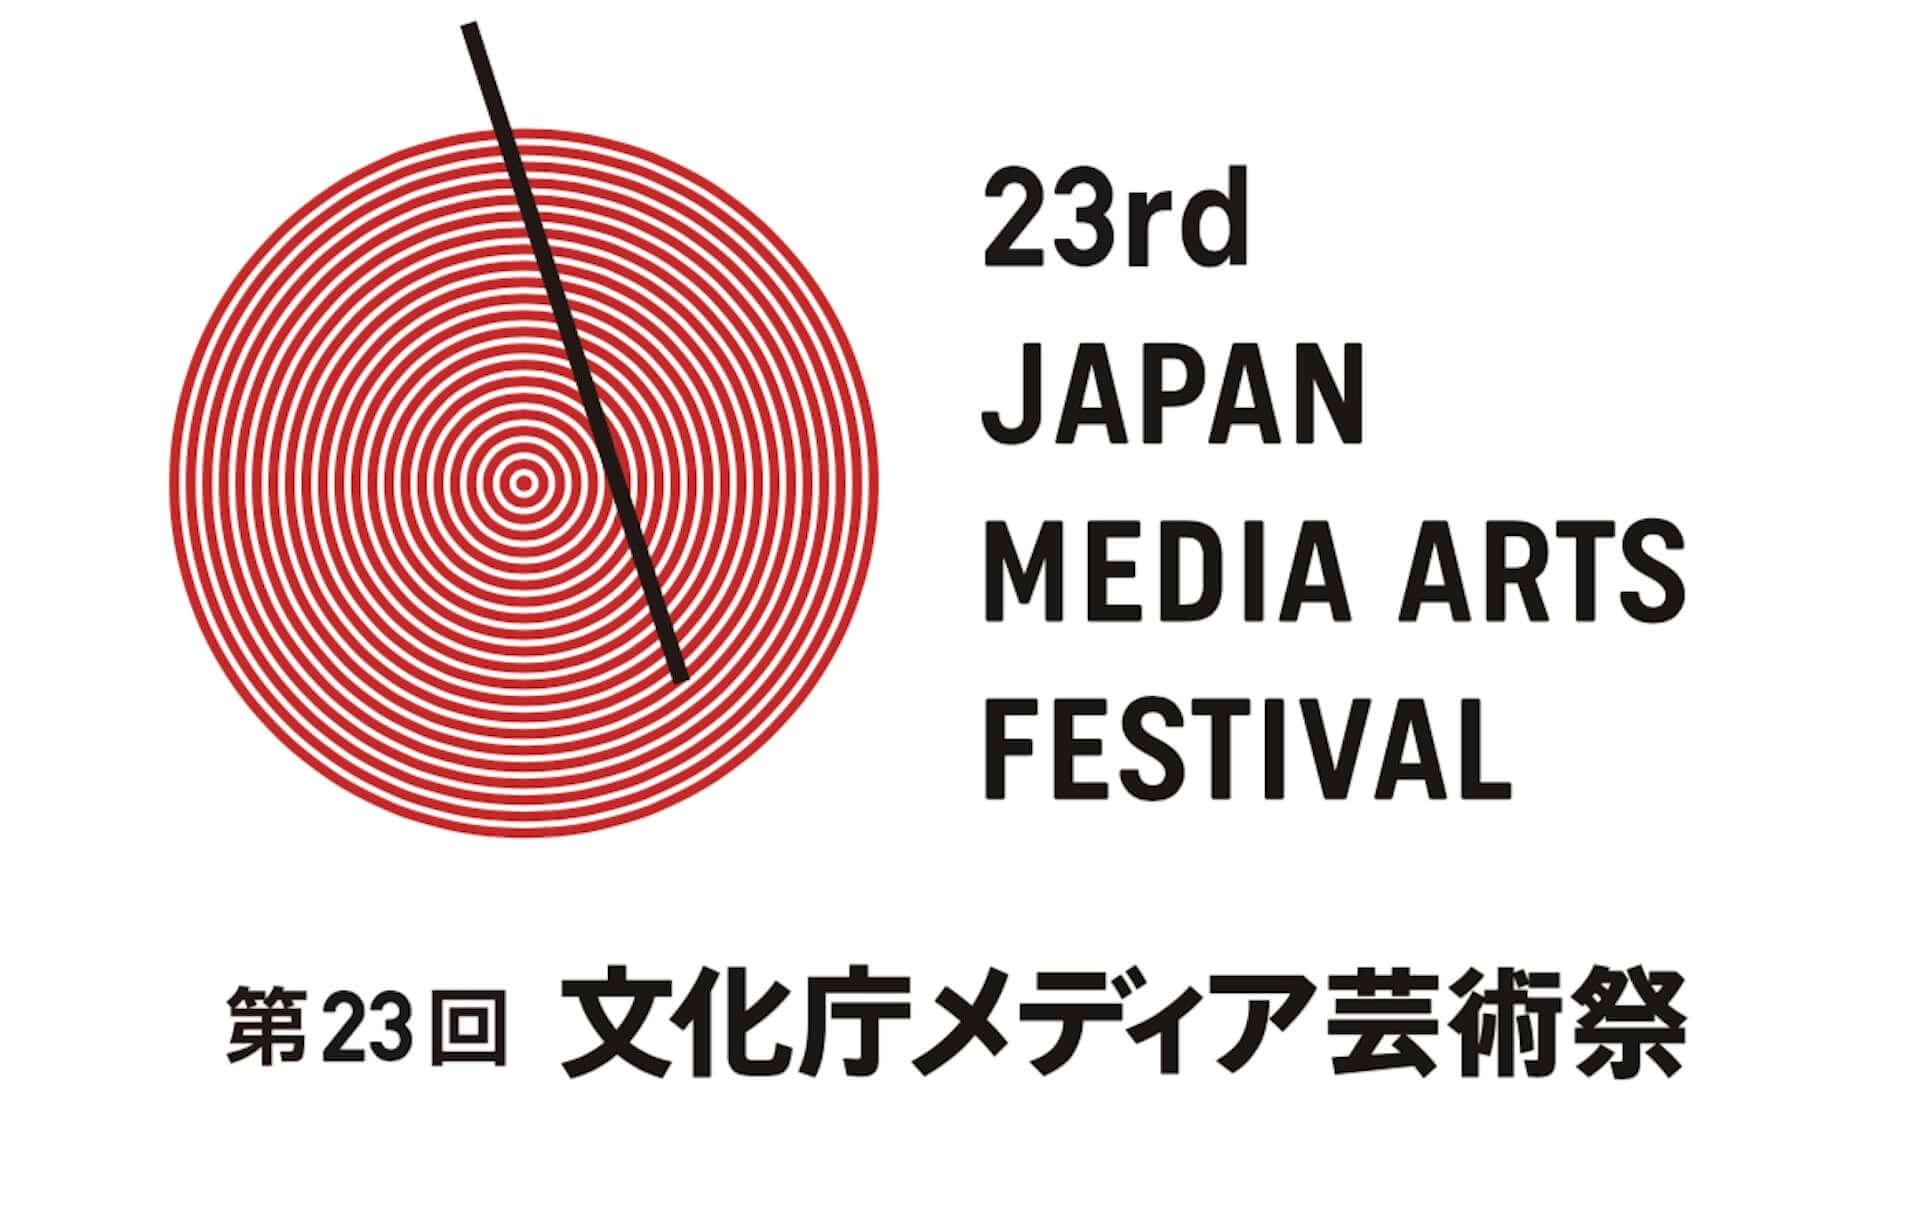 ライゾマティクス・アーキテクチャーらがアートプロジェクト<ART MEETS TOKYO>を始動!<第23回文化庁メディア芸術祭受賞作品展>広報企画 art200910_art-meets-tokyo_-1920x1222